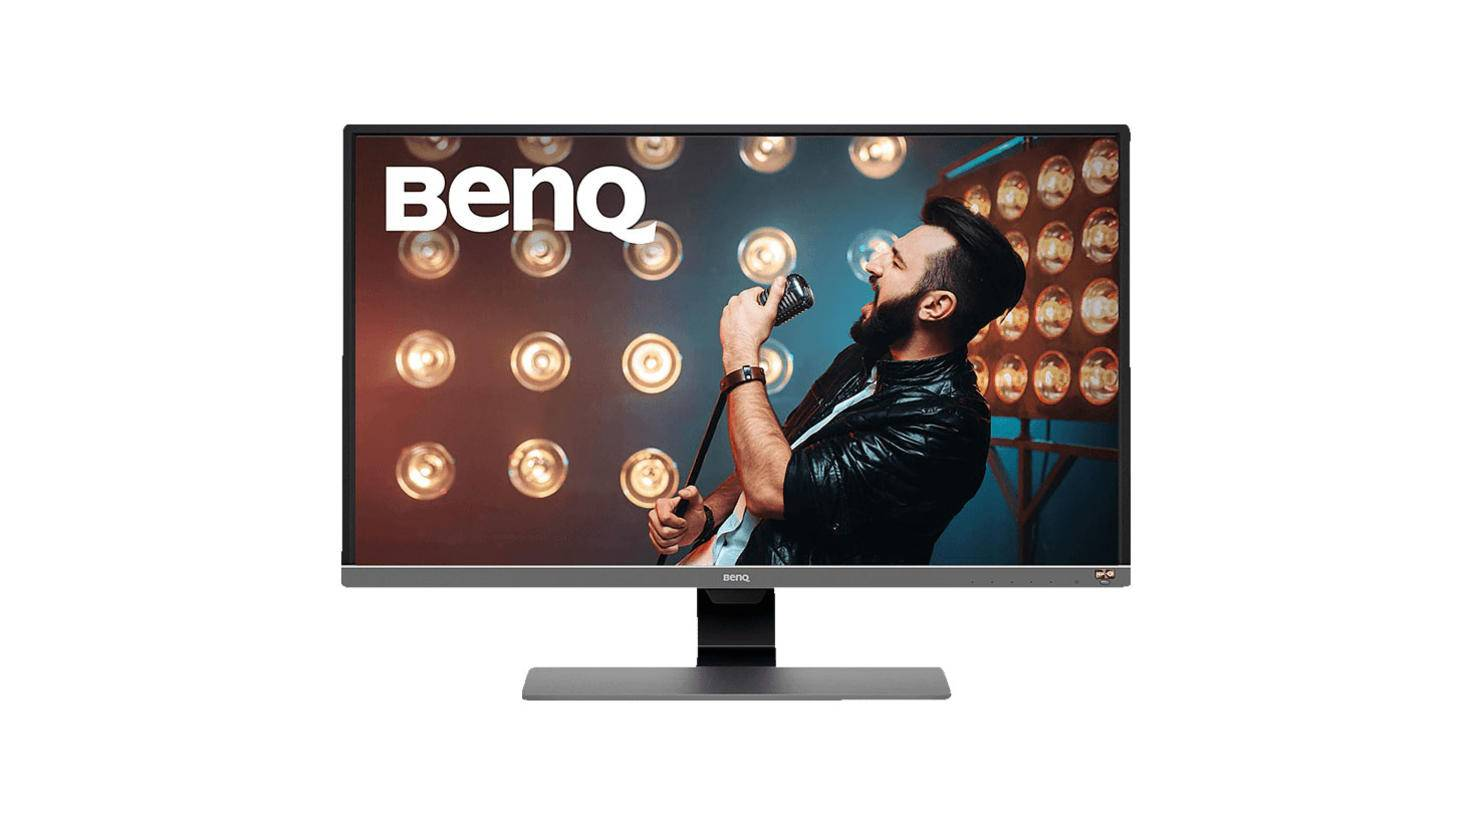 benq-monitor-usb-c